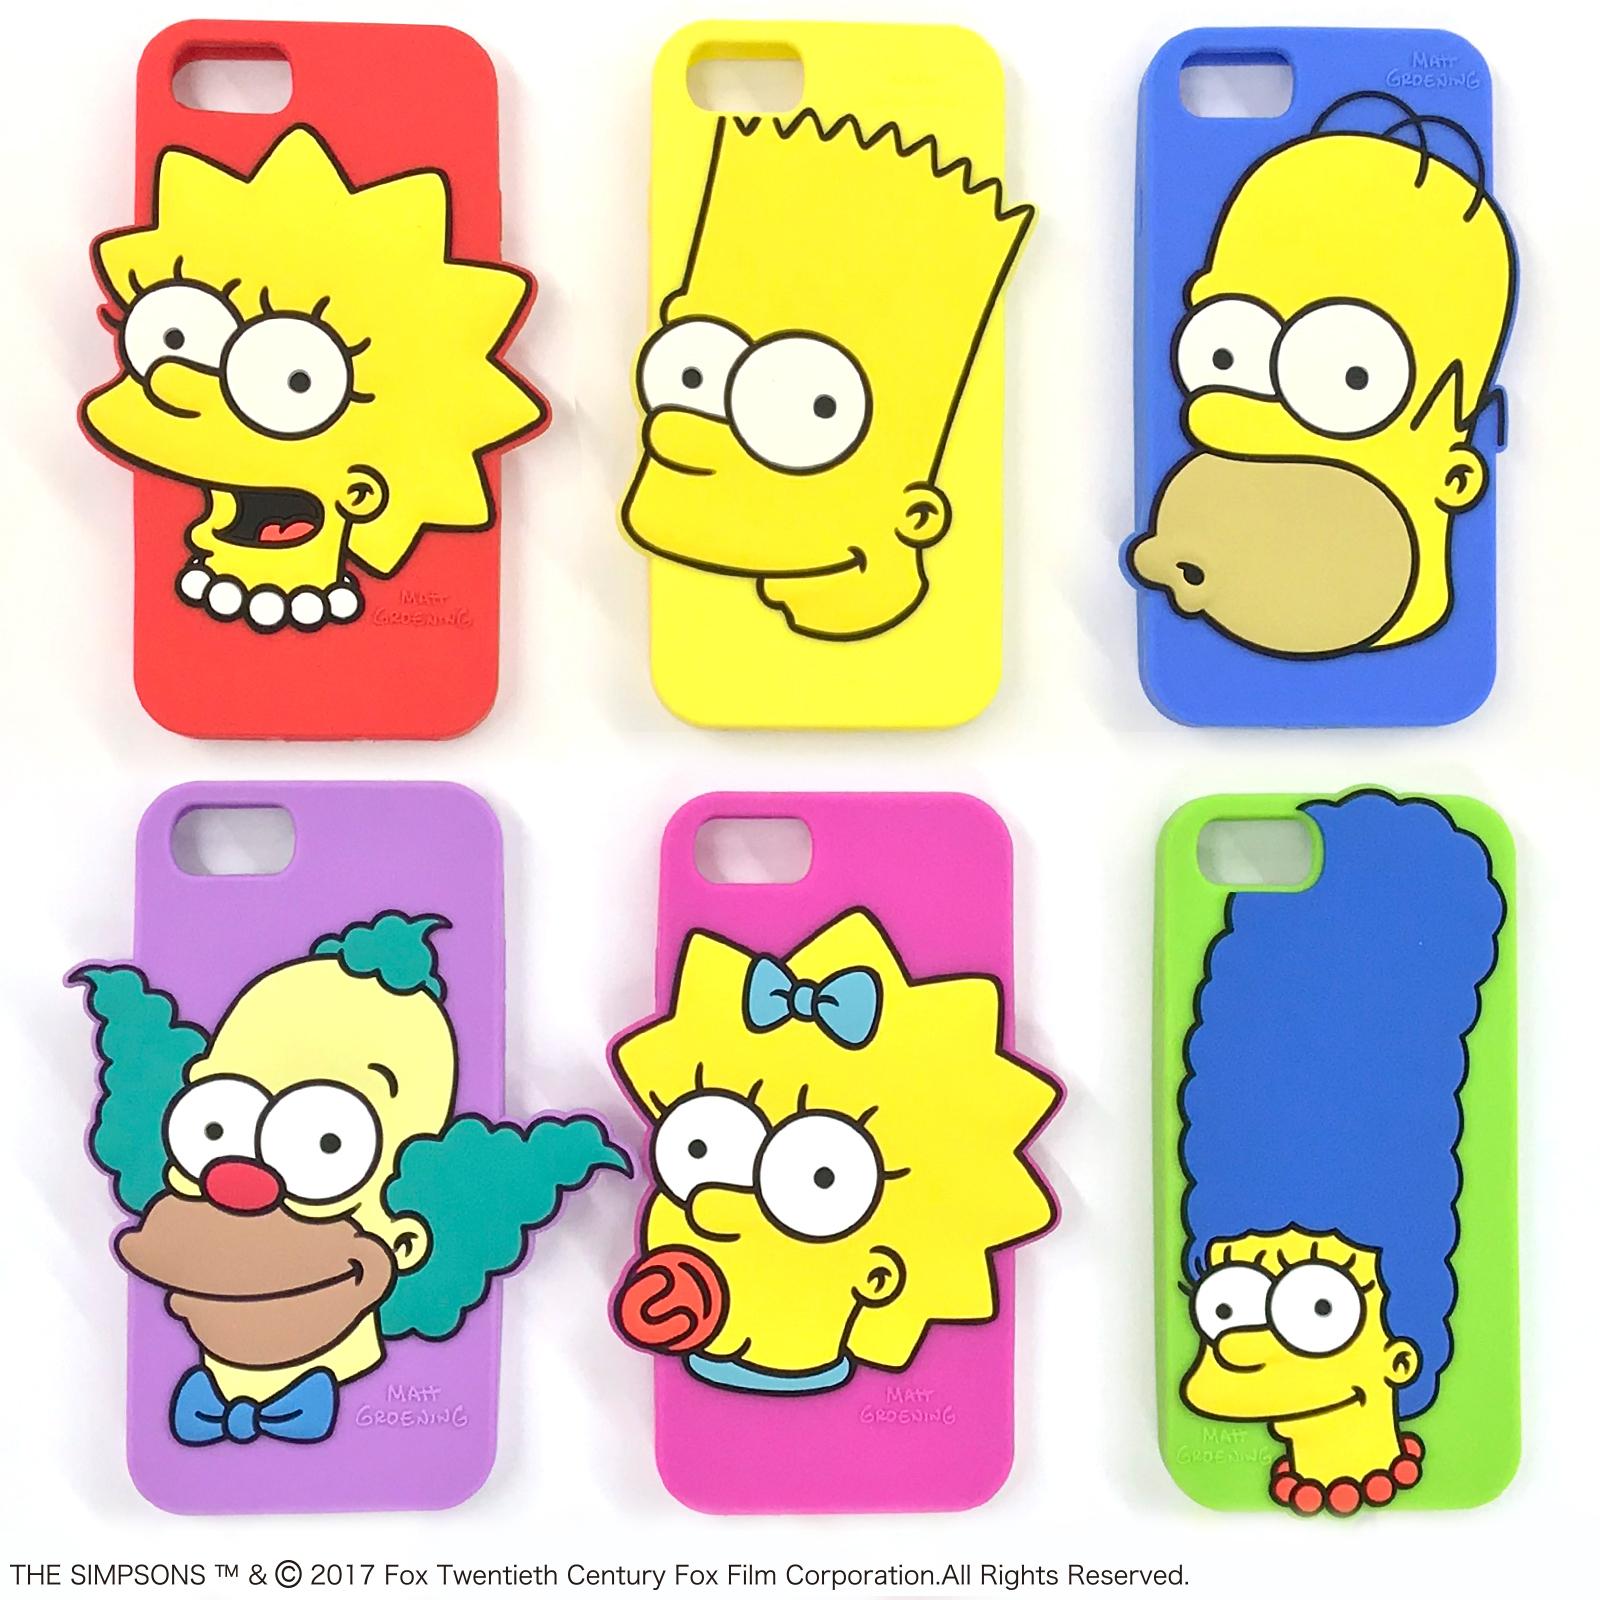 The Simpsons 米国テレビ史上最長寿の型破りなアニメーション ザ シンプソンズ 4機種対応のシリコンiphoneケースが登場 株式会社スモール プラネットのプレスリリース